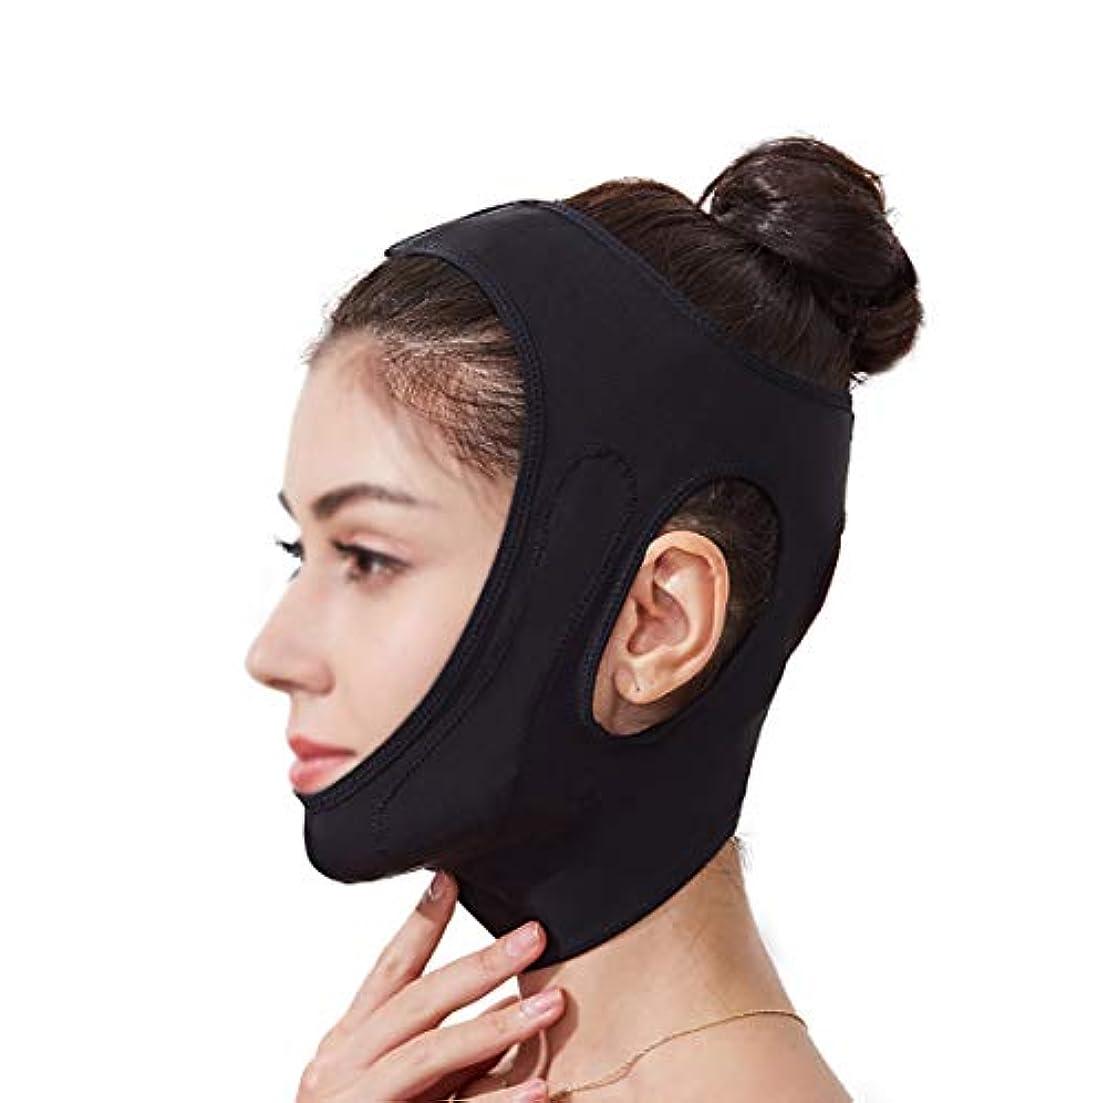 コンパスロッジ節約するフェイスリフティング包帯vフェイスマスクフェイスリフティングあご快適な顔引き締めフェイシャルマッサージワンサイズ (Color : Black)